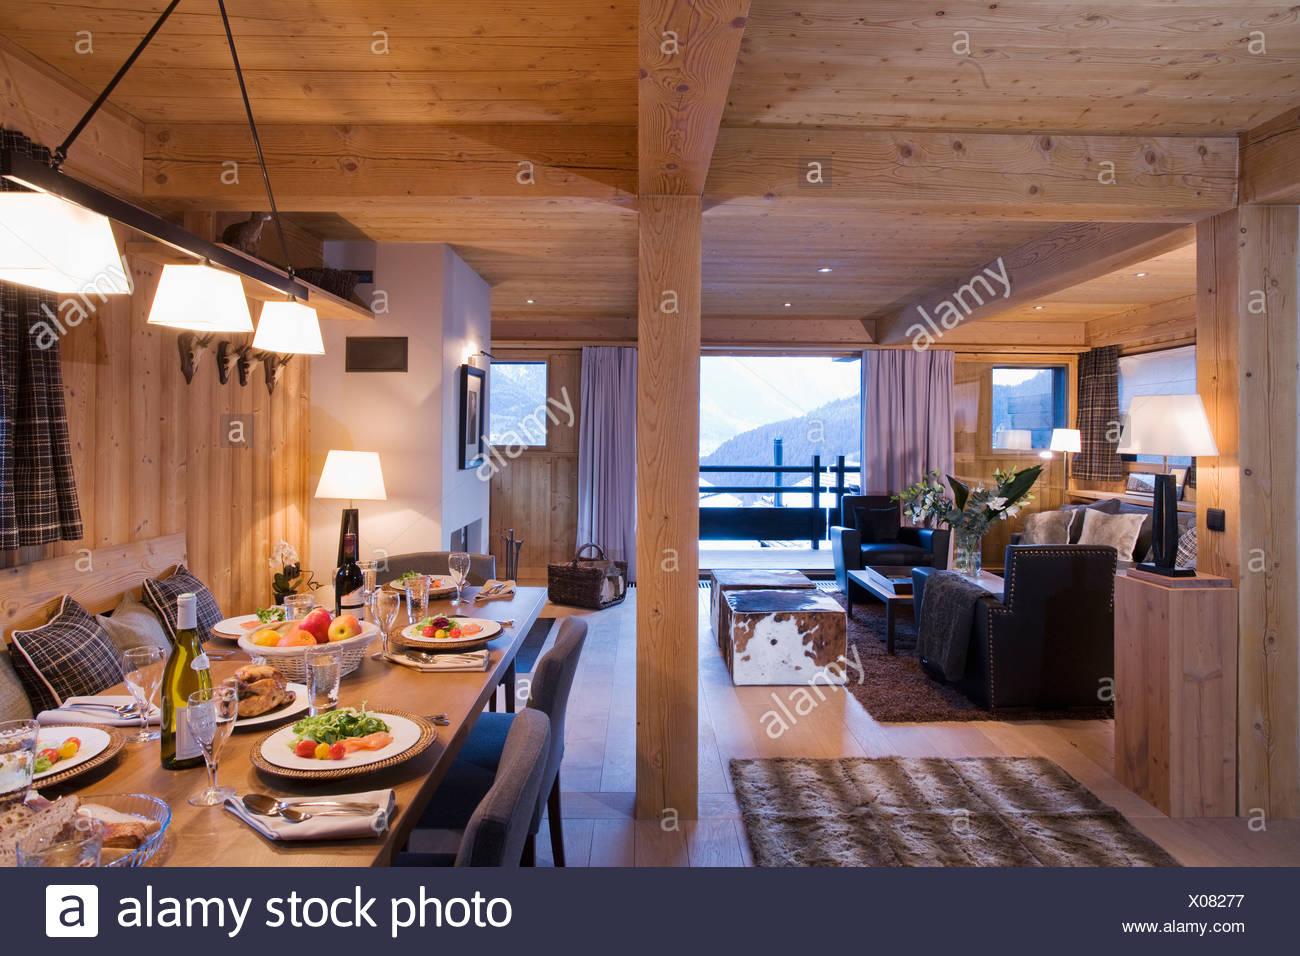 Alpine Chalet Interior Stockfotos & Alpine Chalet Interior ...